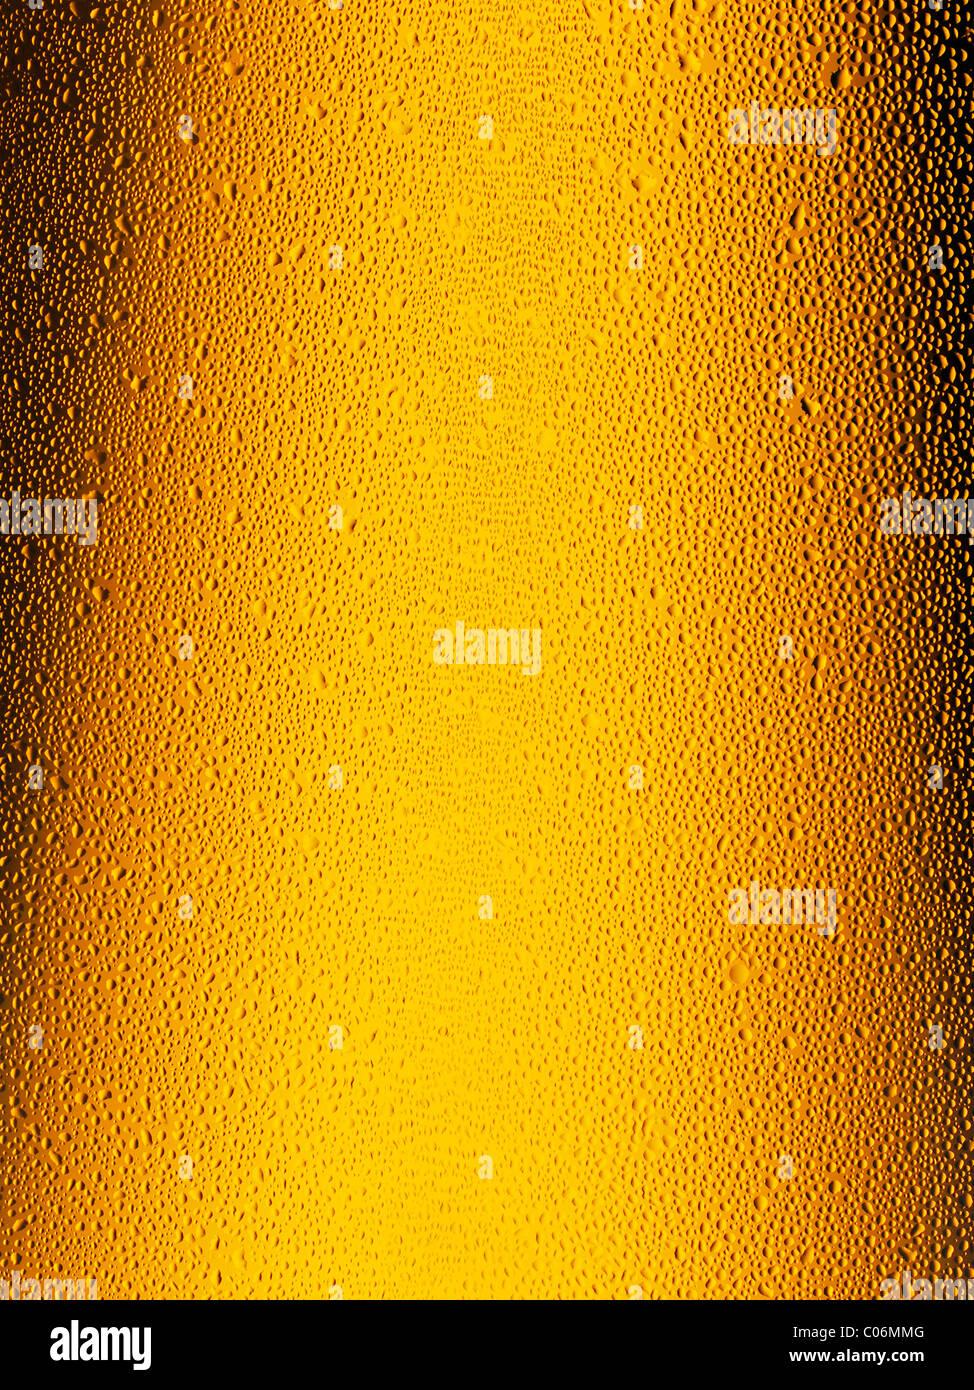 Bouteille de bière, Close Up. Montrant la condensation sur le col du flacon. Photo Stock